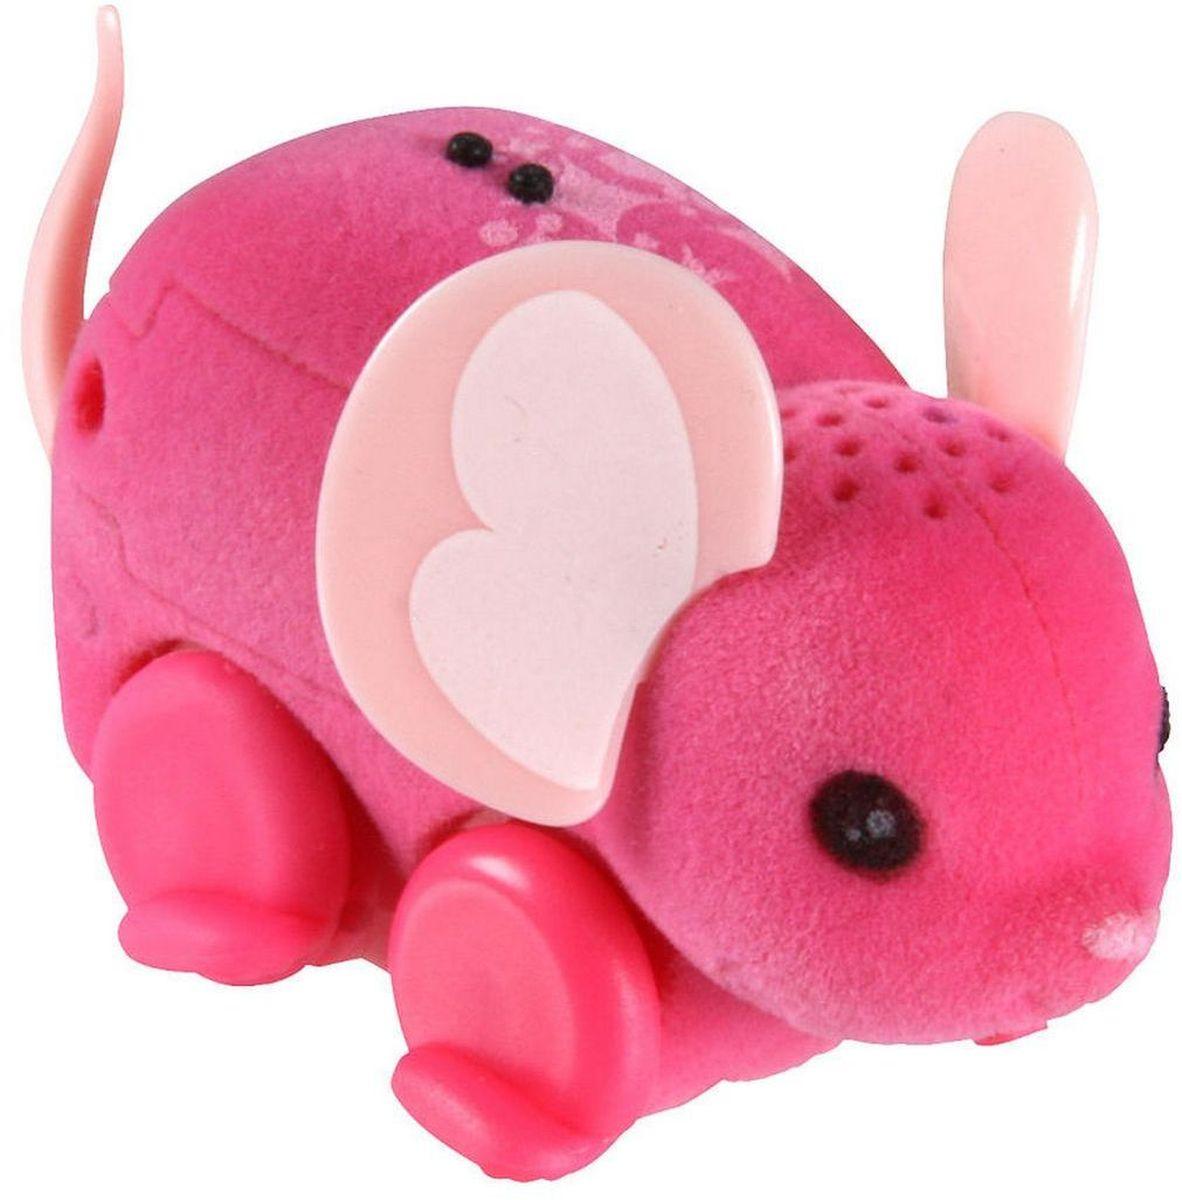 Little Live Pets Интерактивная игрушка Мышка цвет розовый28189/ast28135(28187,28188,28189,28190,28191,28192)Интерактивная игрушка Little Live Pet Мышка изготовлена из высокопрочного пластика, обтянутого флоком. Тело игрушки на ощупь напоминает настоящую шерстку мышонка. Вместо лапок у мышки - колесики. Благодаря колесам мышка легко и быстро передвигается, разворачивается по кругу. Если мышка засыпает, ее нужно погладить по спинке. Там у нее расположен сенсор. Кнопка включения расположена на месте рта. Мышка умеет издавать звуки, похожие на настоящий писк и фырканье. Игрушка развивает внимательность, фантазию и мелкую моторику. Рекомендовано для детей от 5 лет. Для работы требуются 3 батарейки типа AG13 (LR44) (комплектуется демонстрационными).